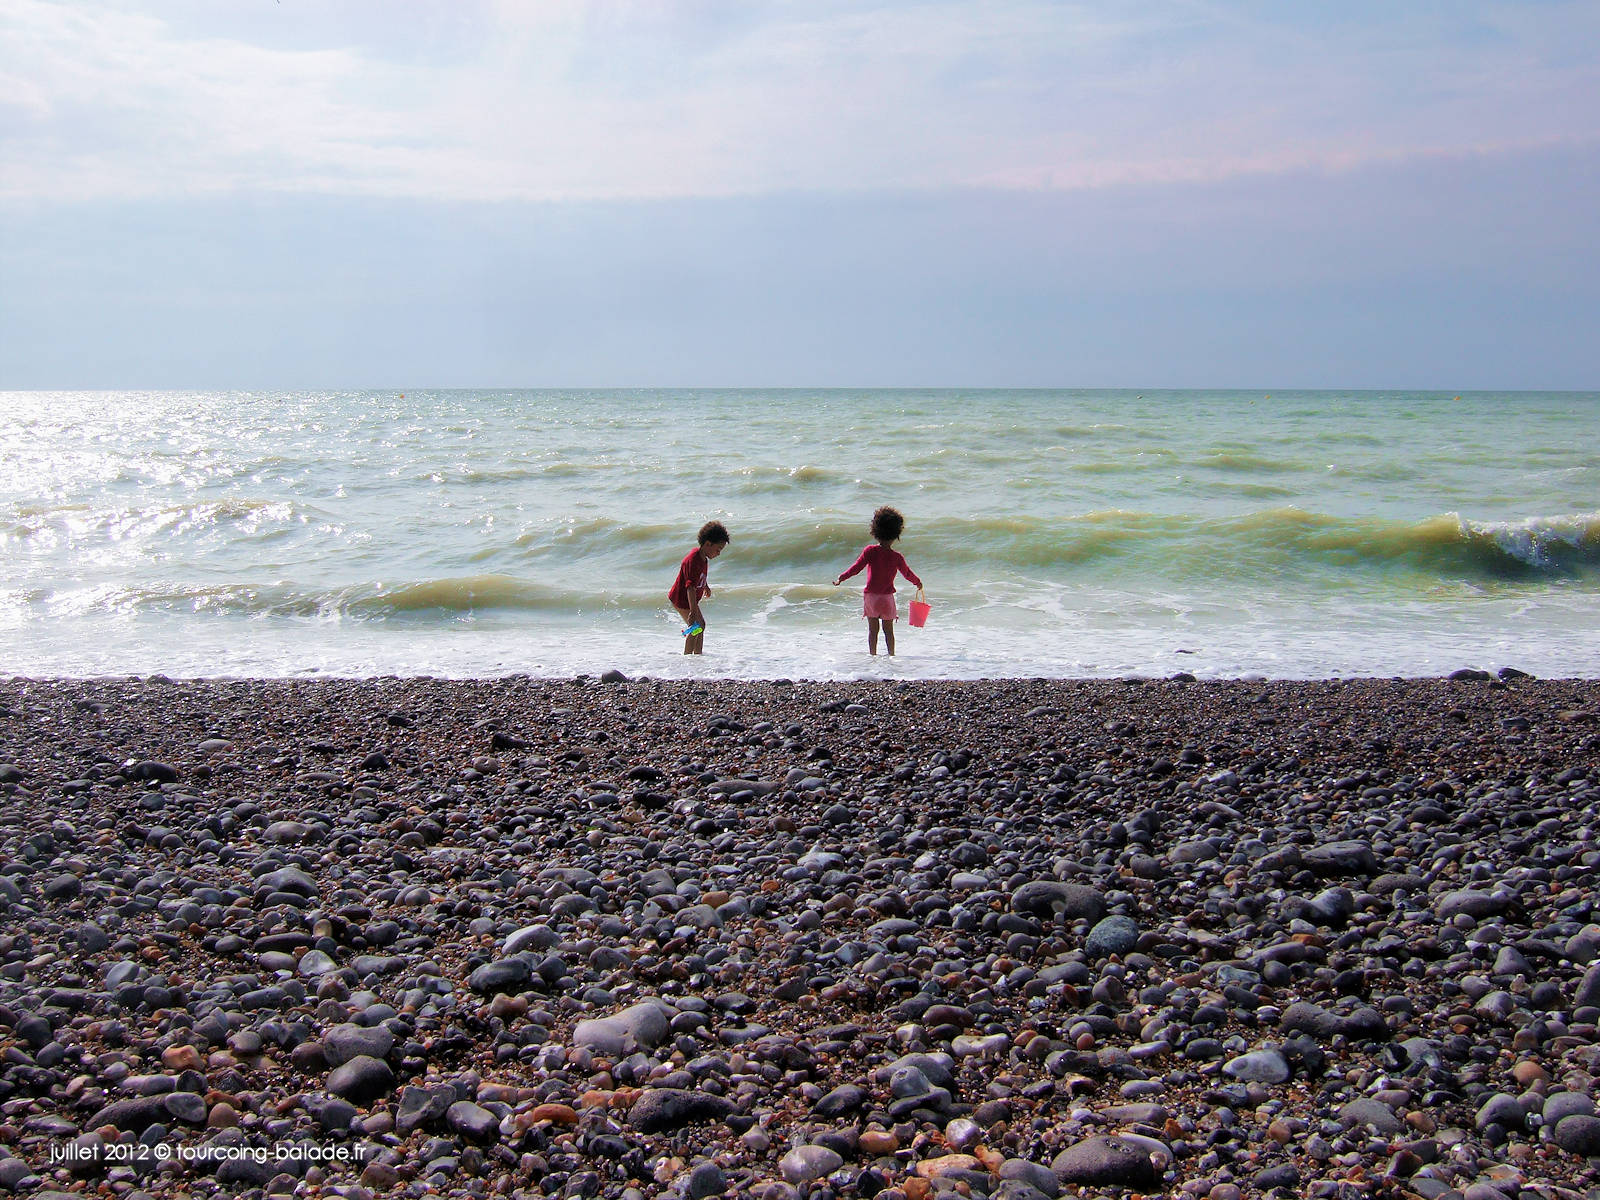 Cayeux-sur-mer, 2012 - Plage de galets et enfants jouant